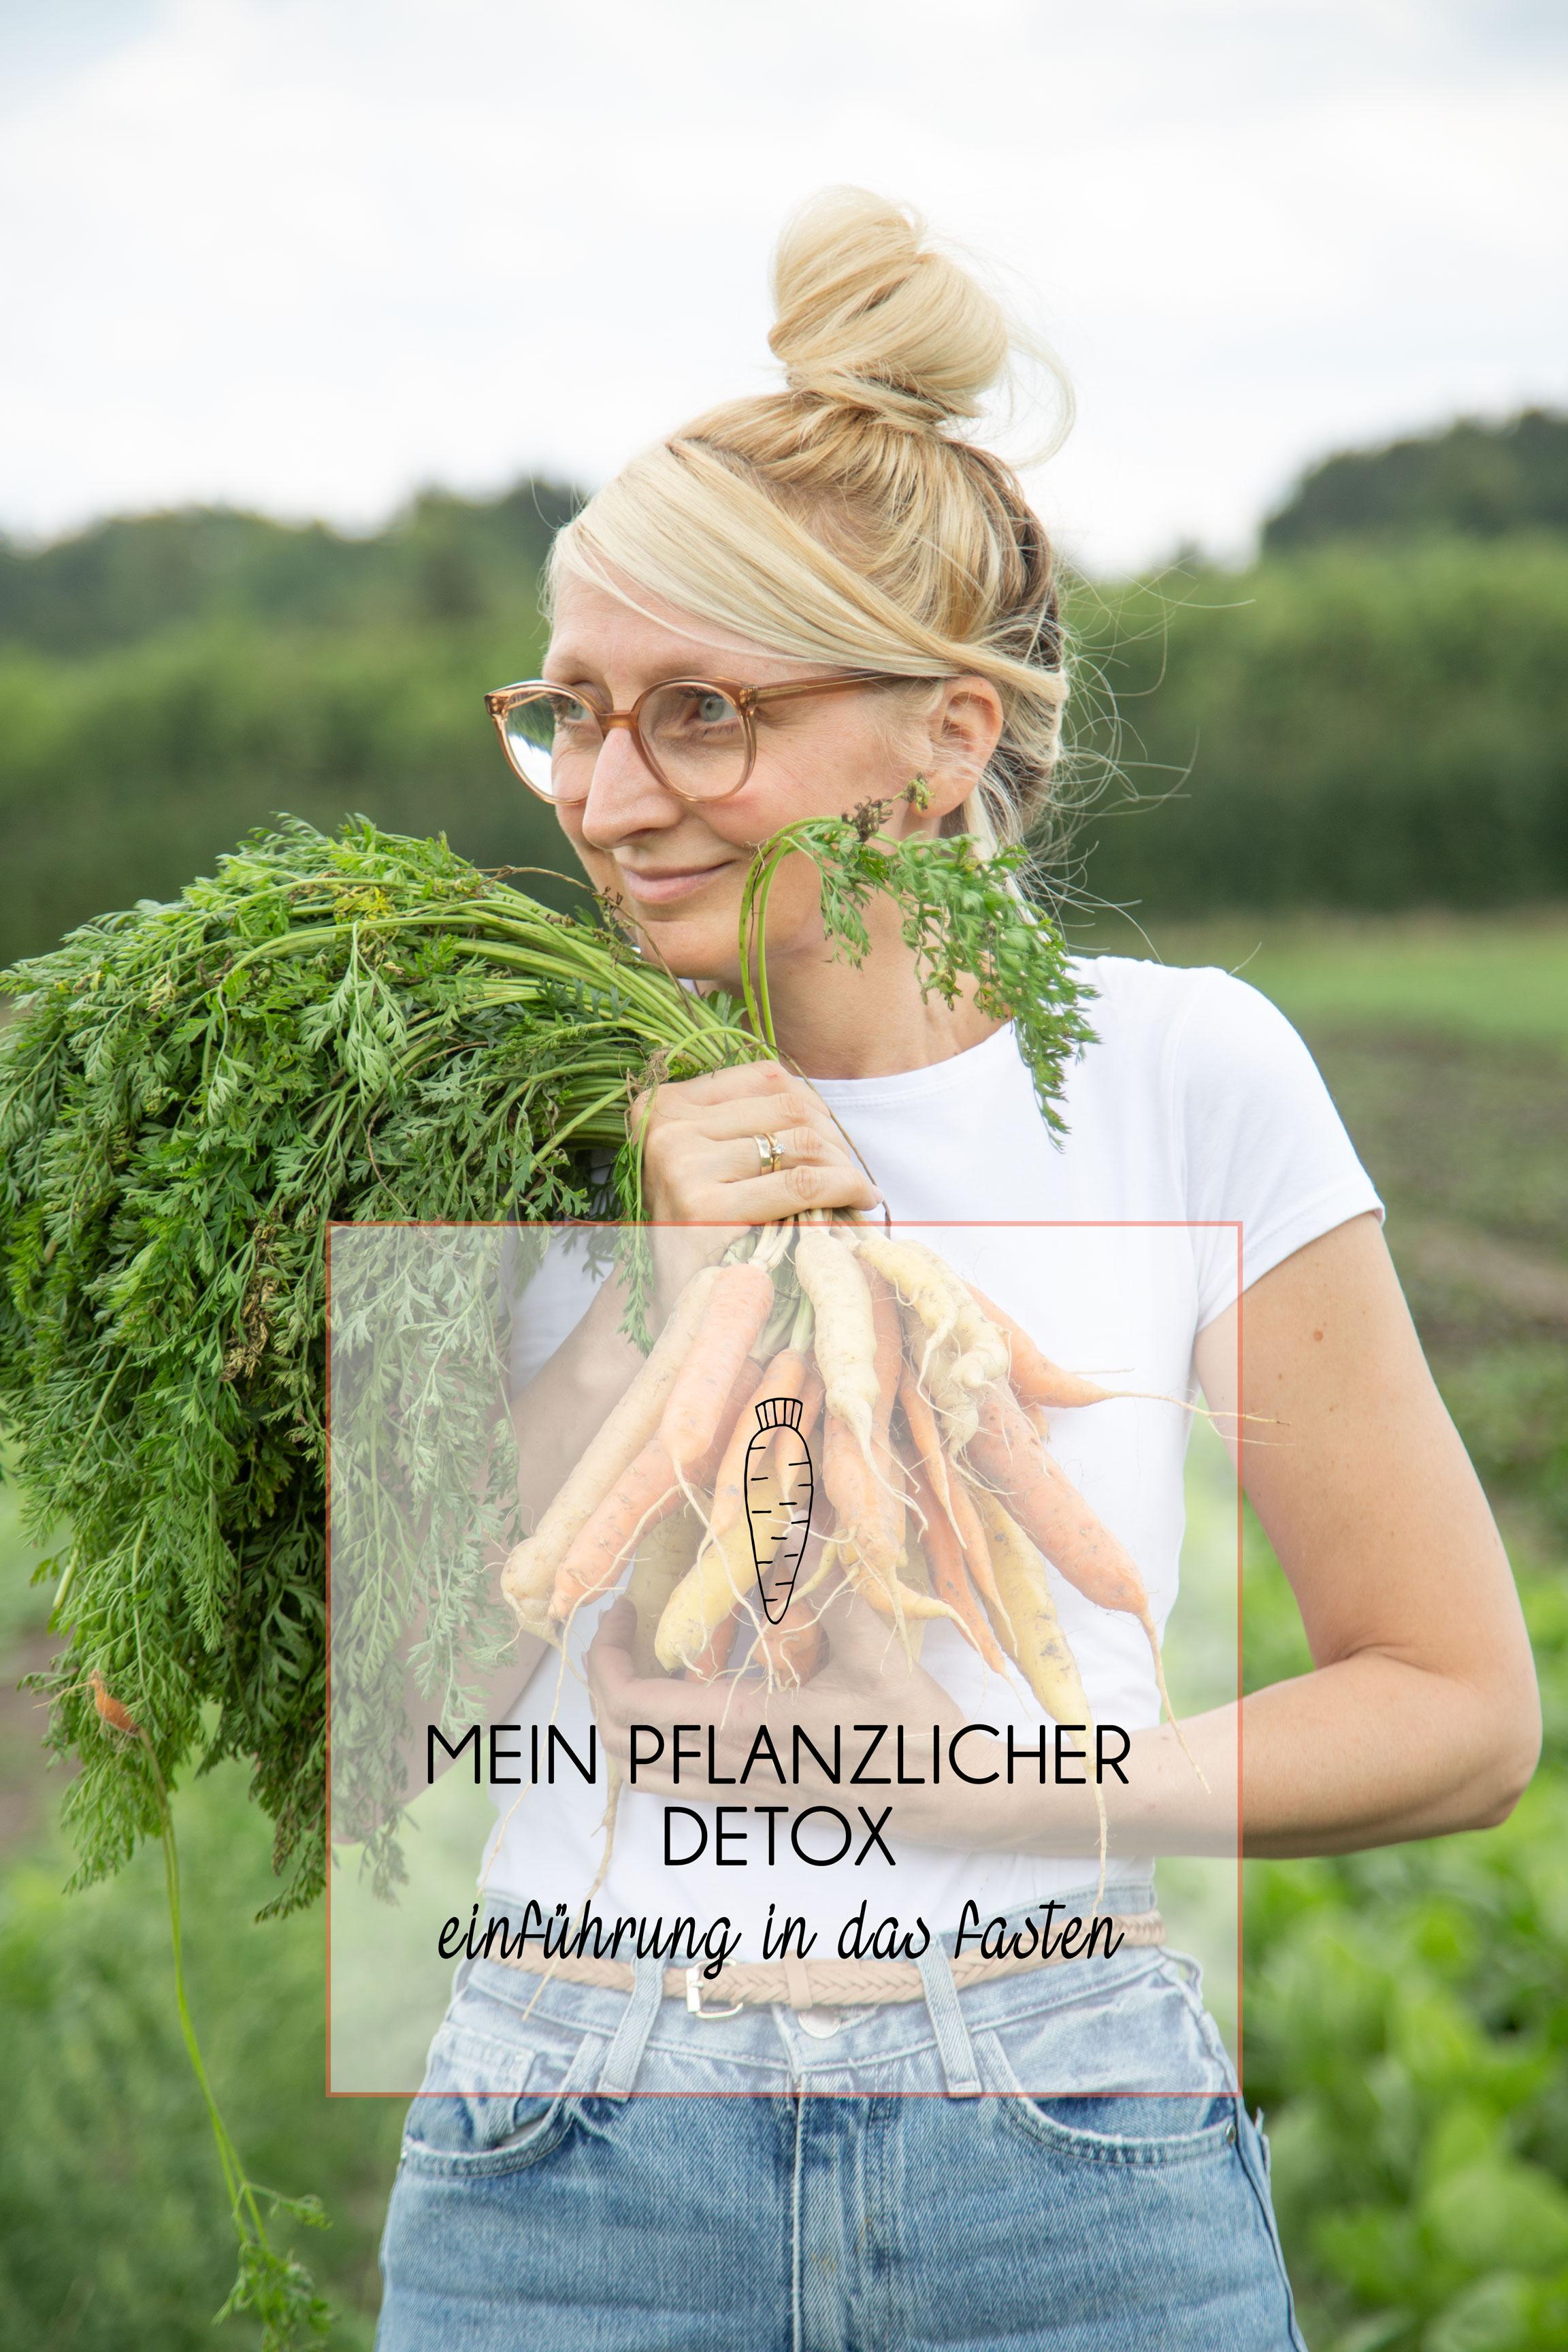 Veganes Detox - wie sich mein Leben verändert hat